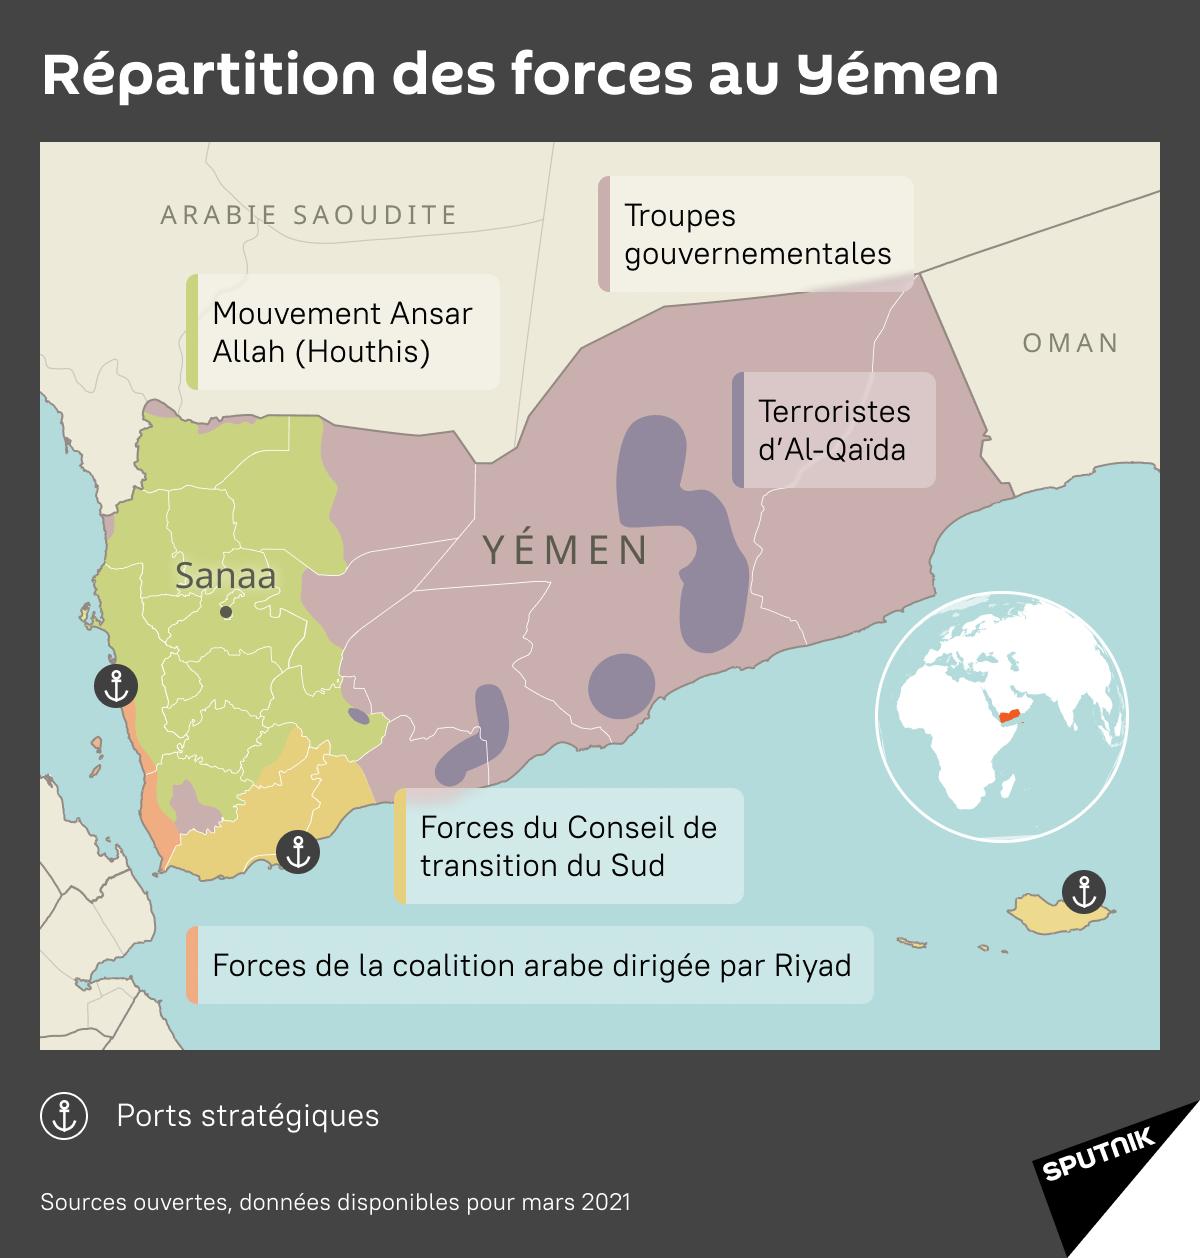 Répartition des forces au Yémen